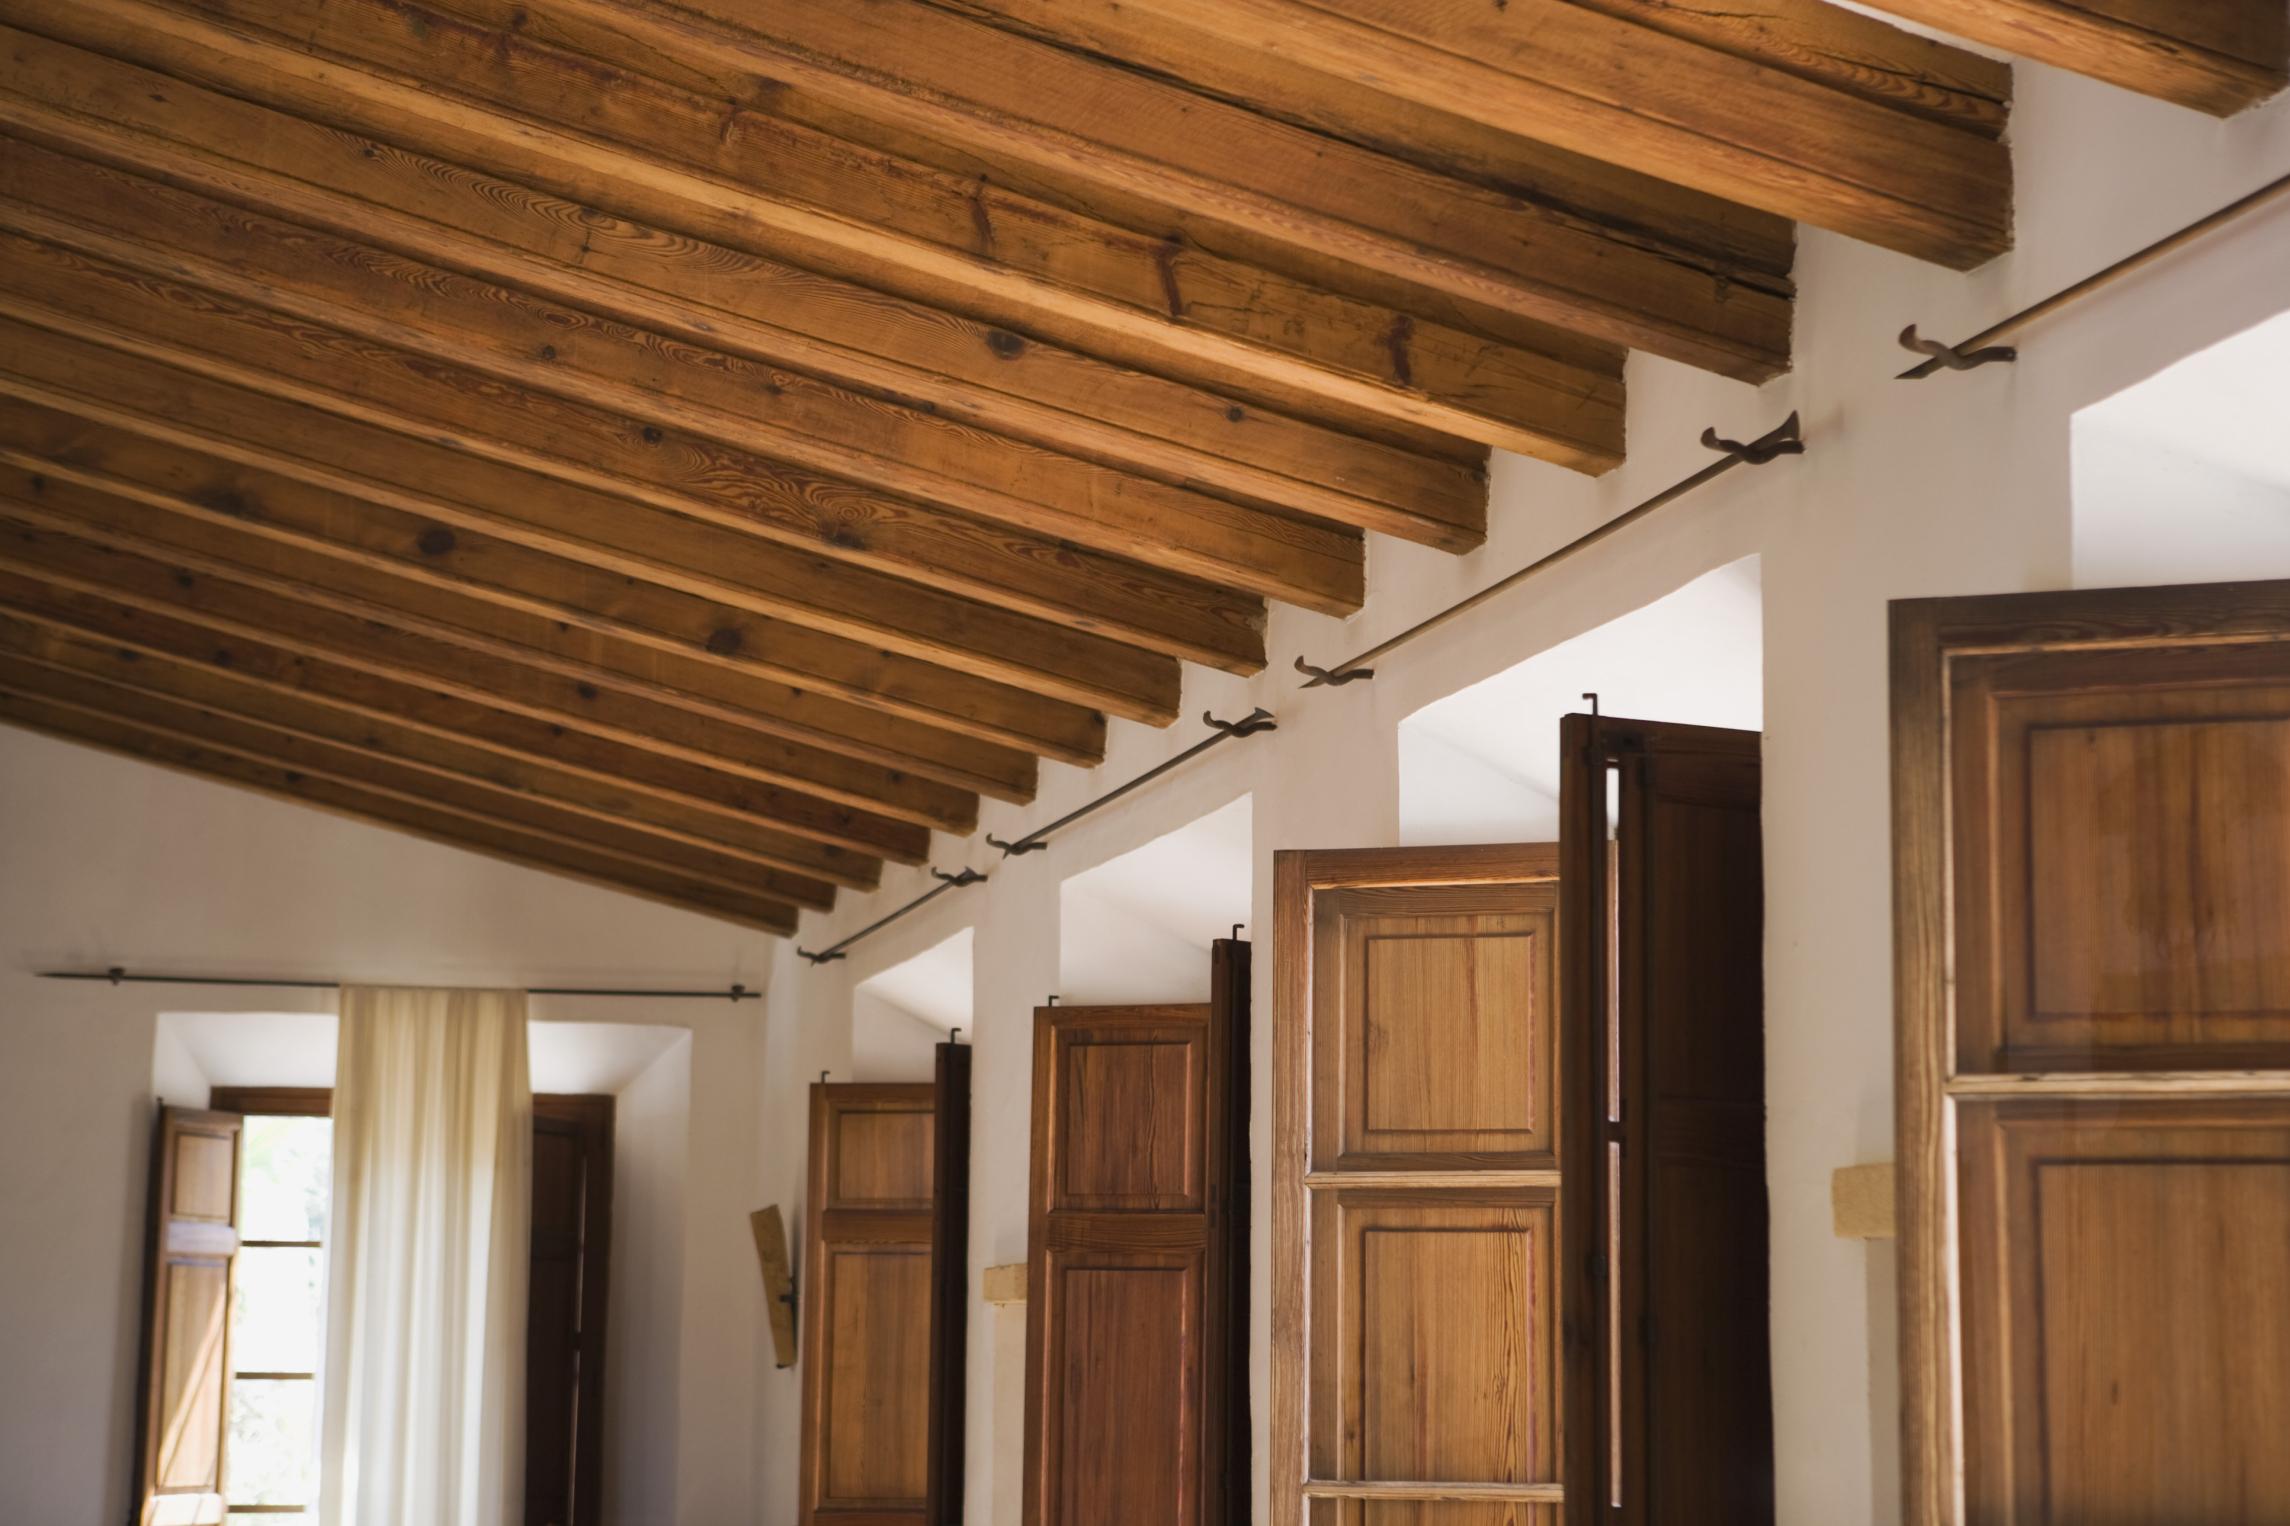 Decoracin para techos awesome guaooooo no te puedes for Laminas para techos interiores